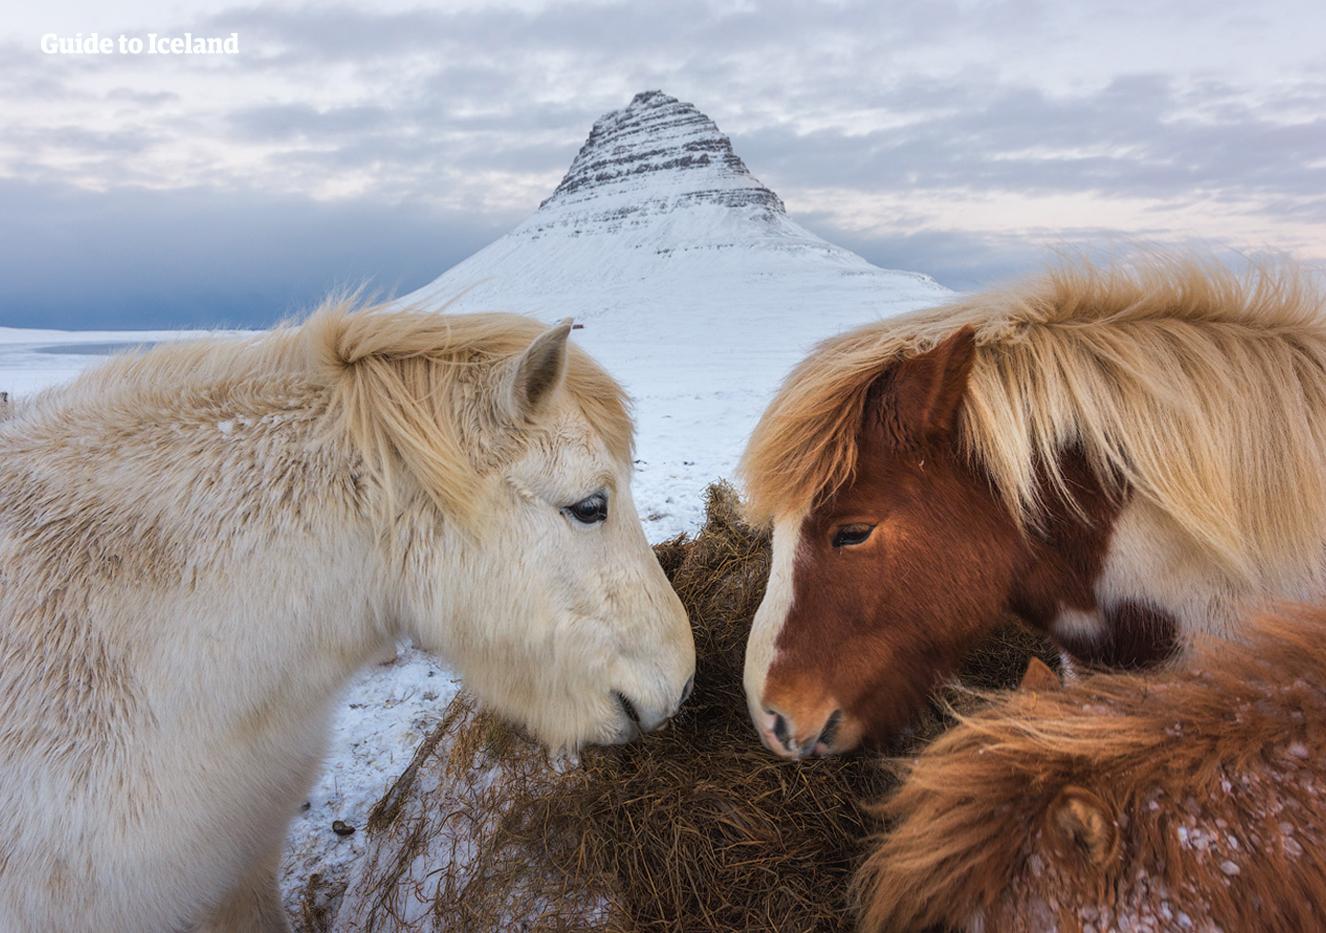 귀여운 아이슬란드 전통말이 키르큐펠산을 배경으로 사진을 찍었네요!